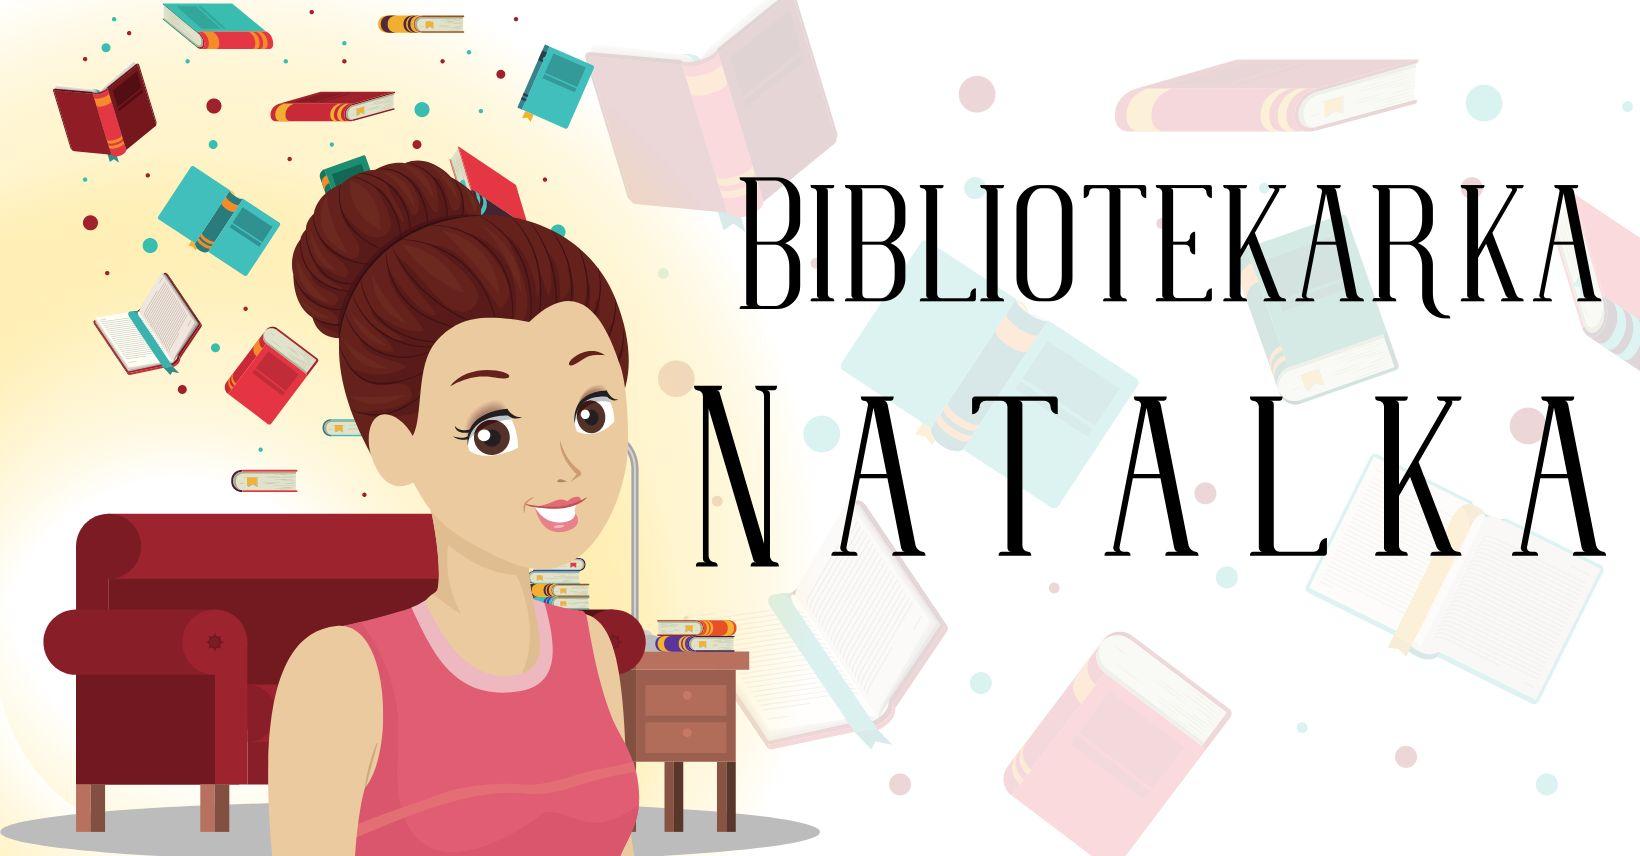 Bibliotekarka natalka